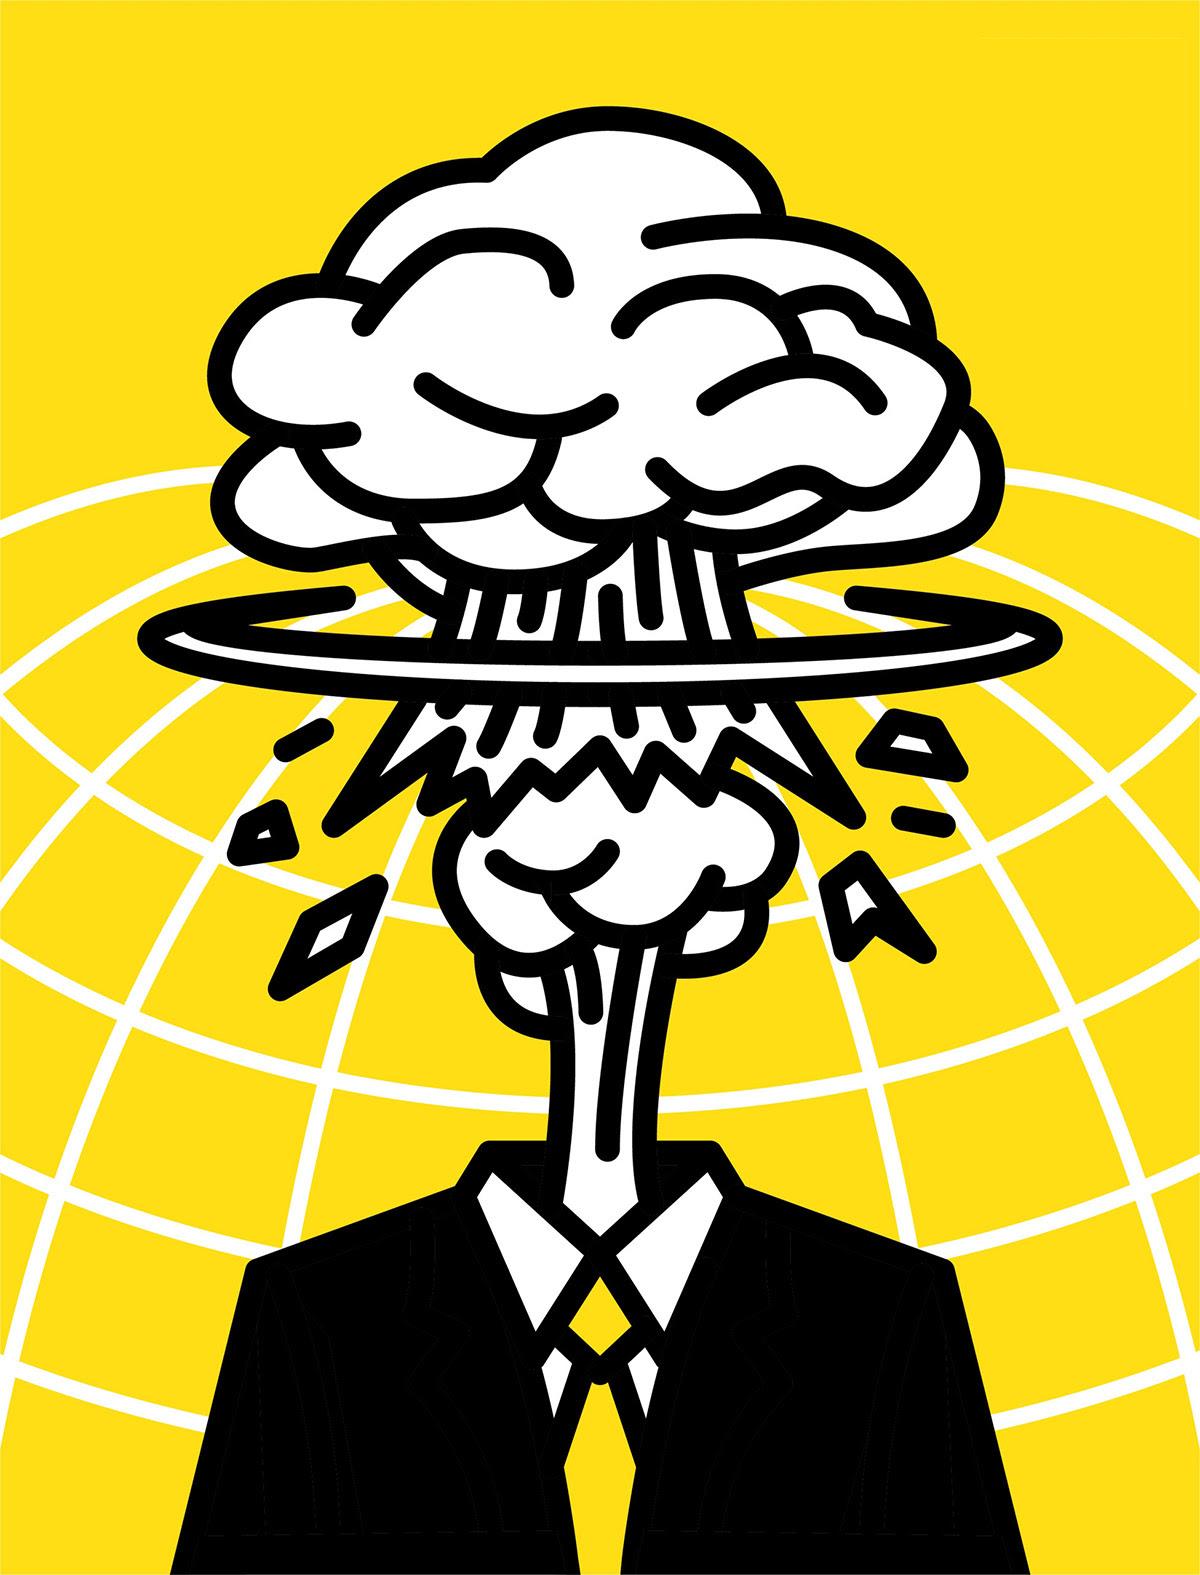 Ilustração da cabeça do homem explodindo